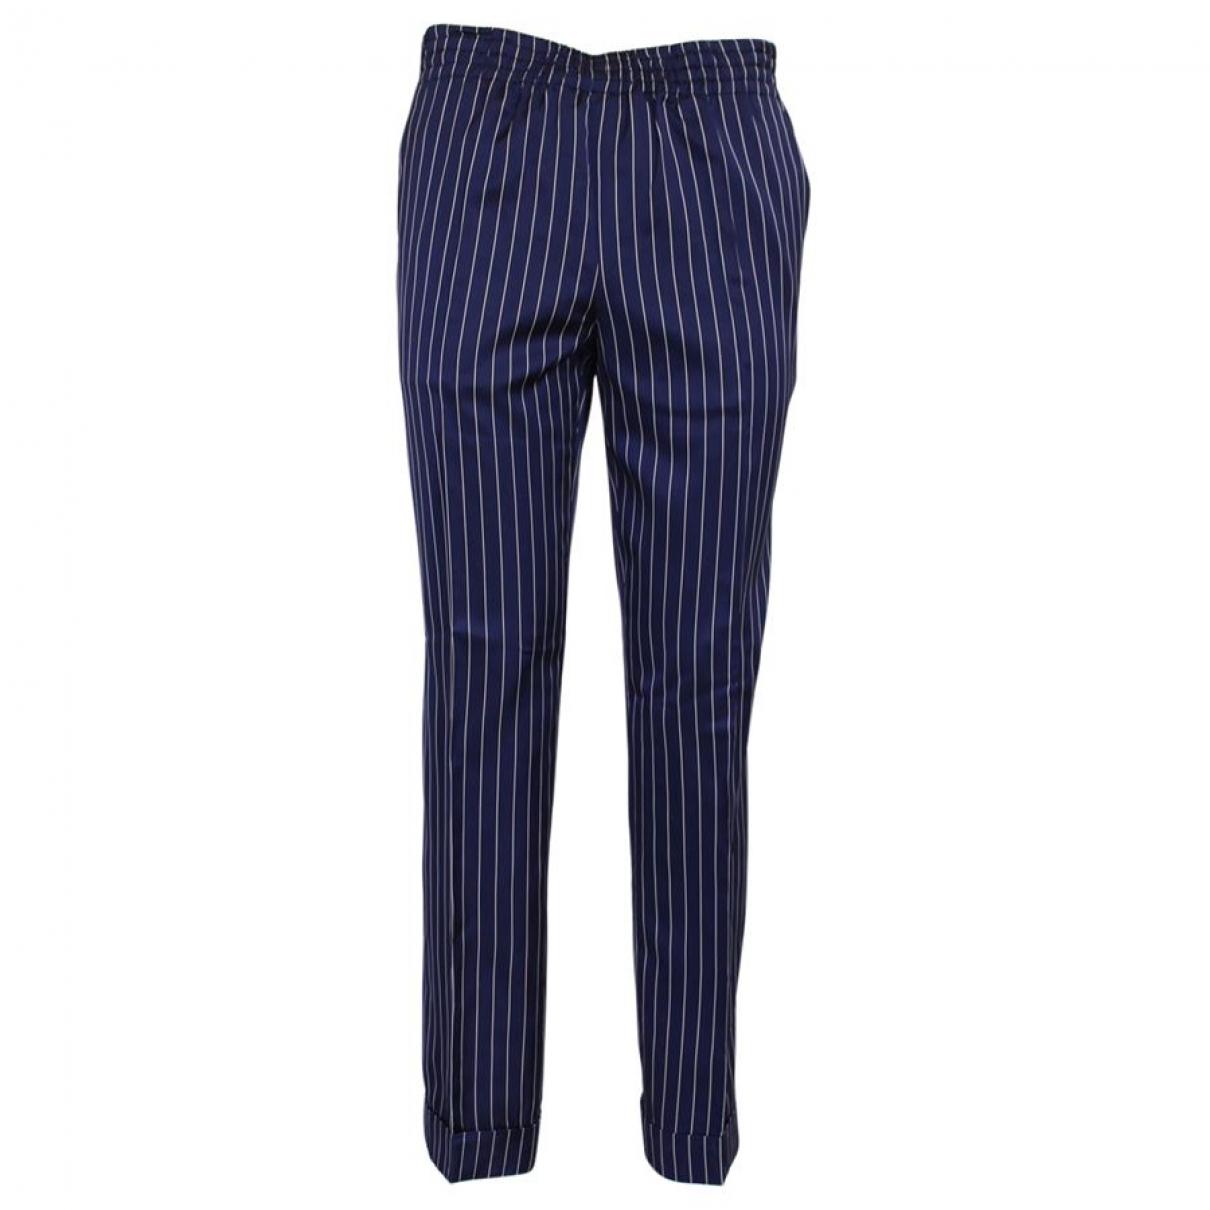 Jean Paul Gaultier \N Cotton Trousers for Women 40 IT